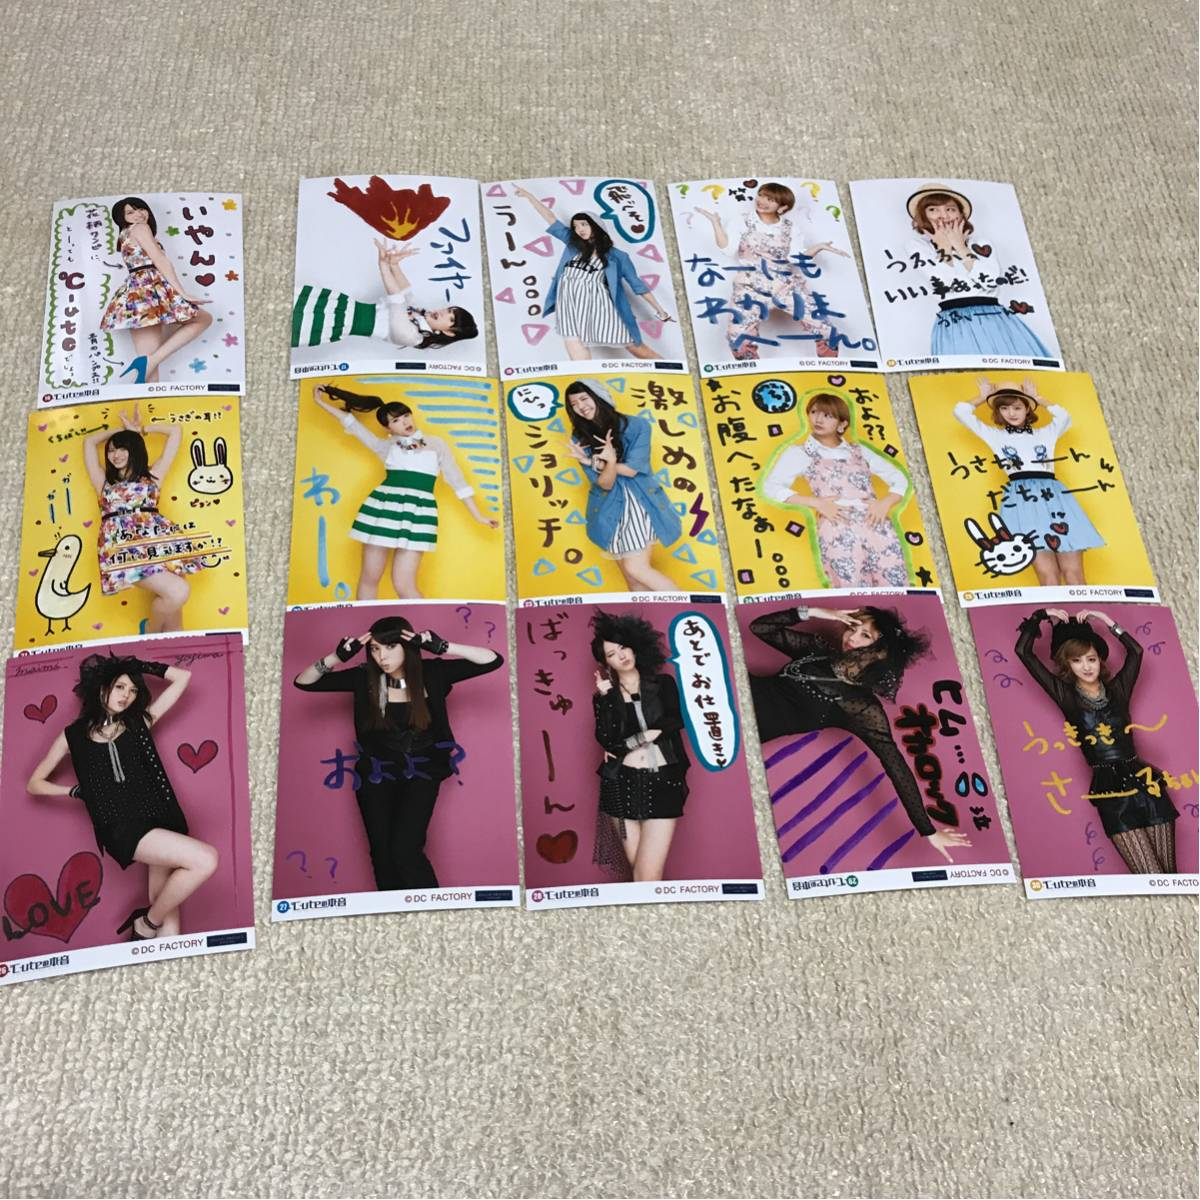 美品 ℃-ute コレクション生写真 フルコンプセット ⑨ ライブグッズの画像